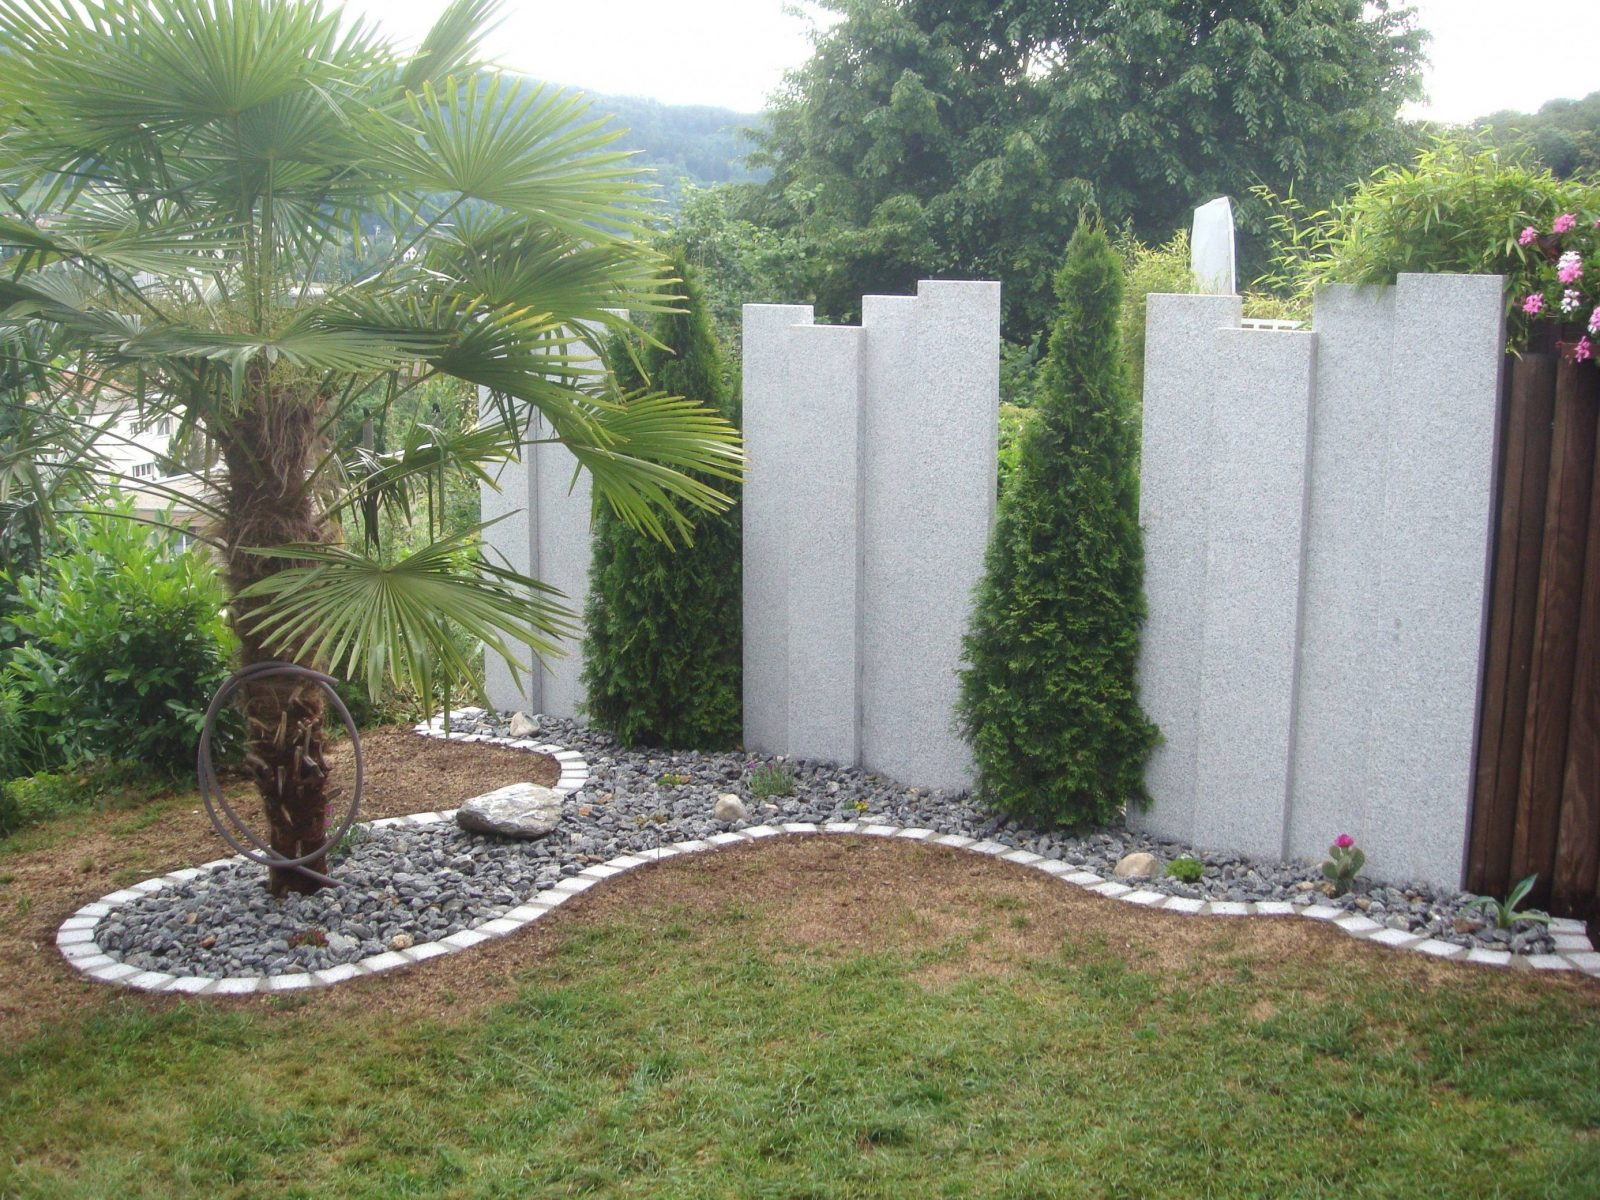 Gartengestaltung Steine Neu Gartengestaltung Mit Steinen Zum Klein von Gartengestaltung Ideen Mit Steinen Bild